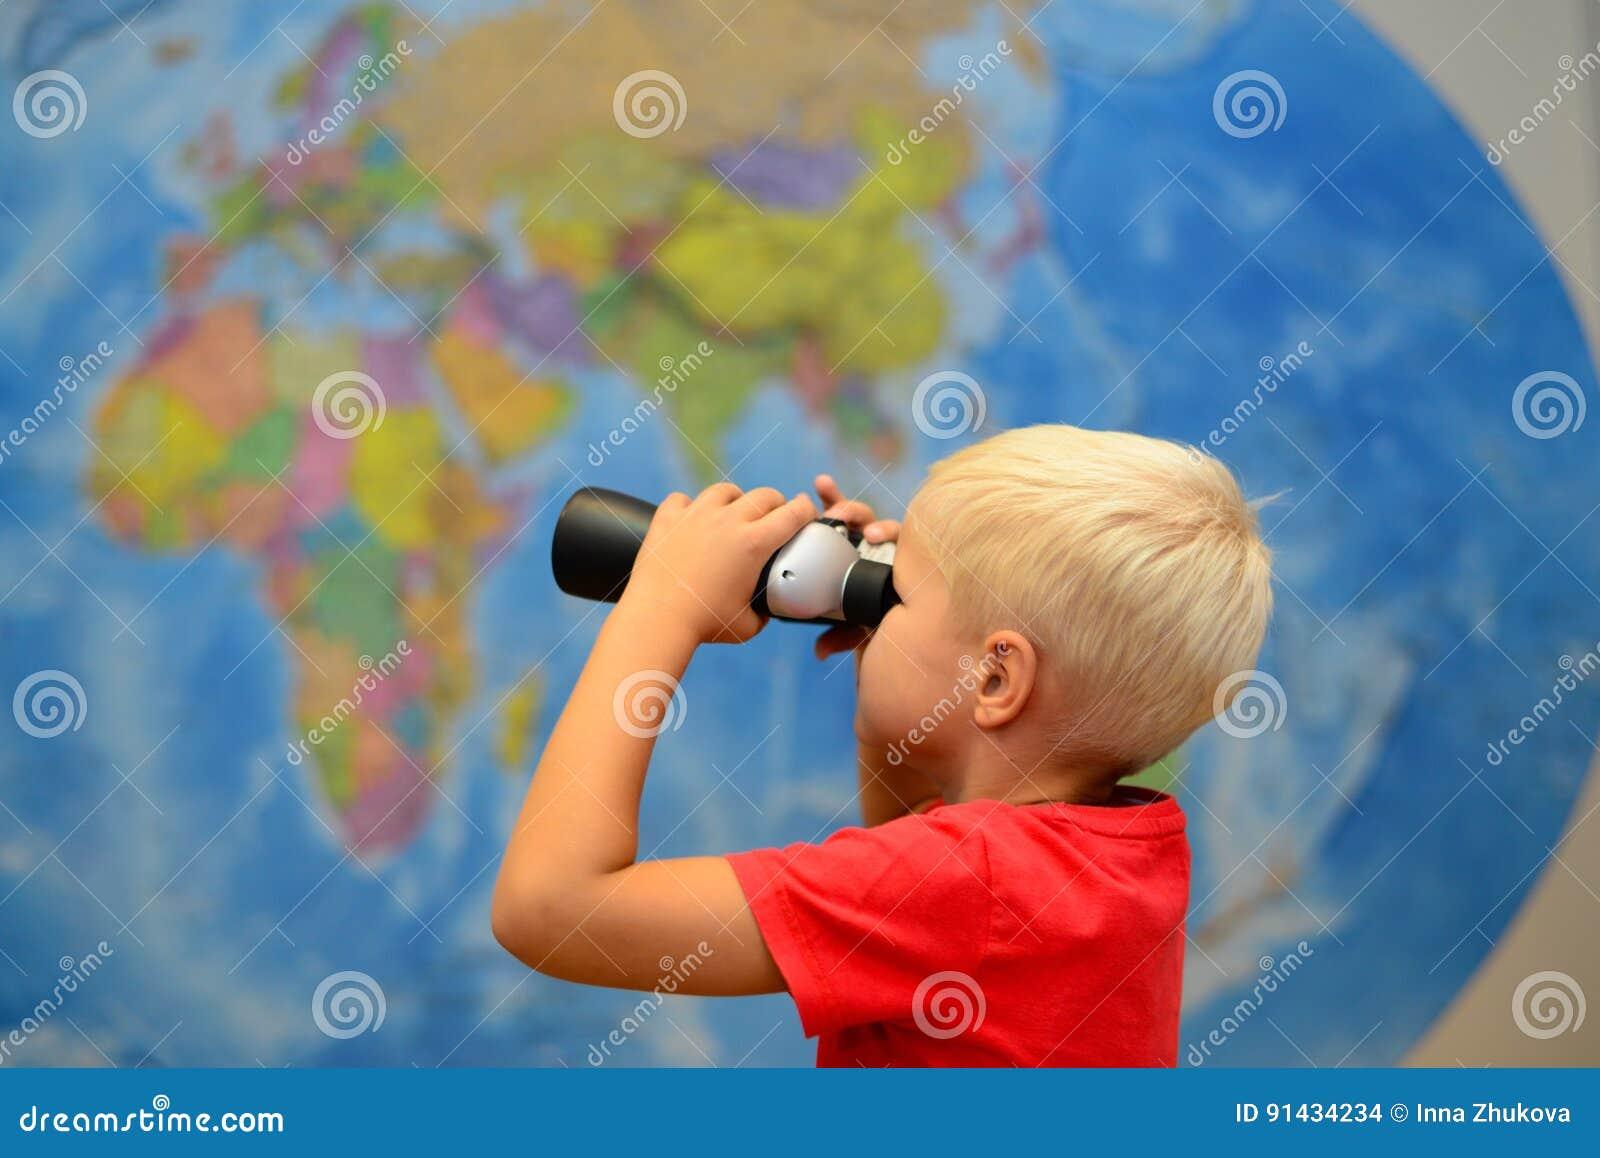 有双筒望远镜的愉快的孩子作梦关于旅行,旅途 旅游业和旅行概念 创造性的背景